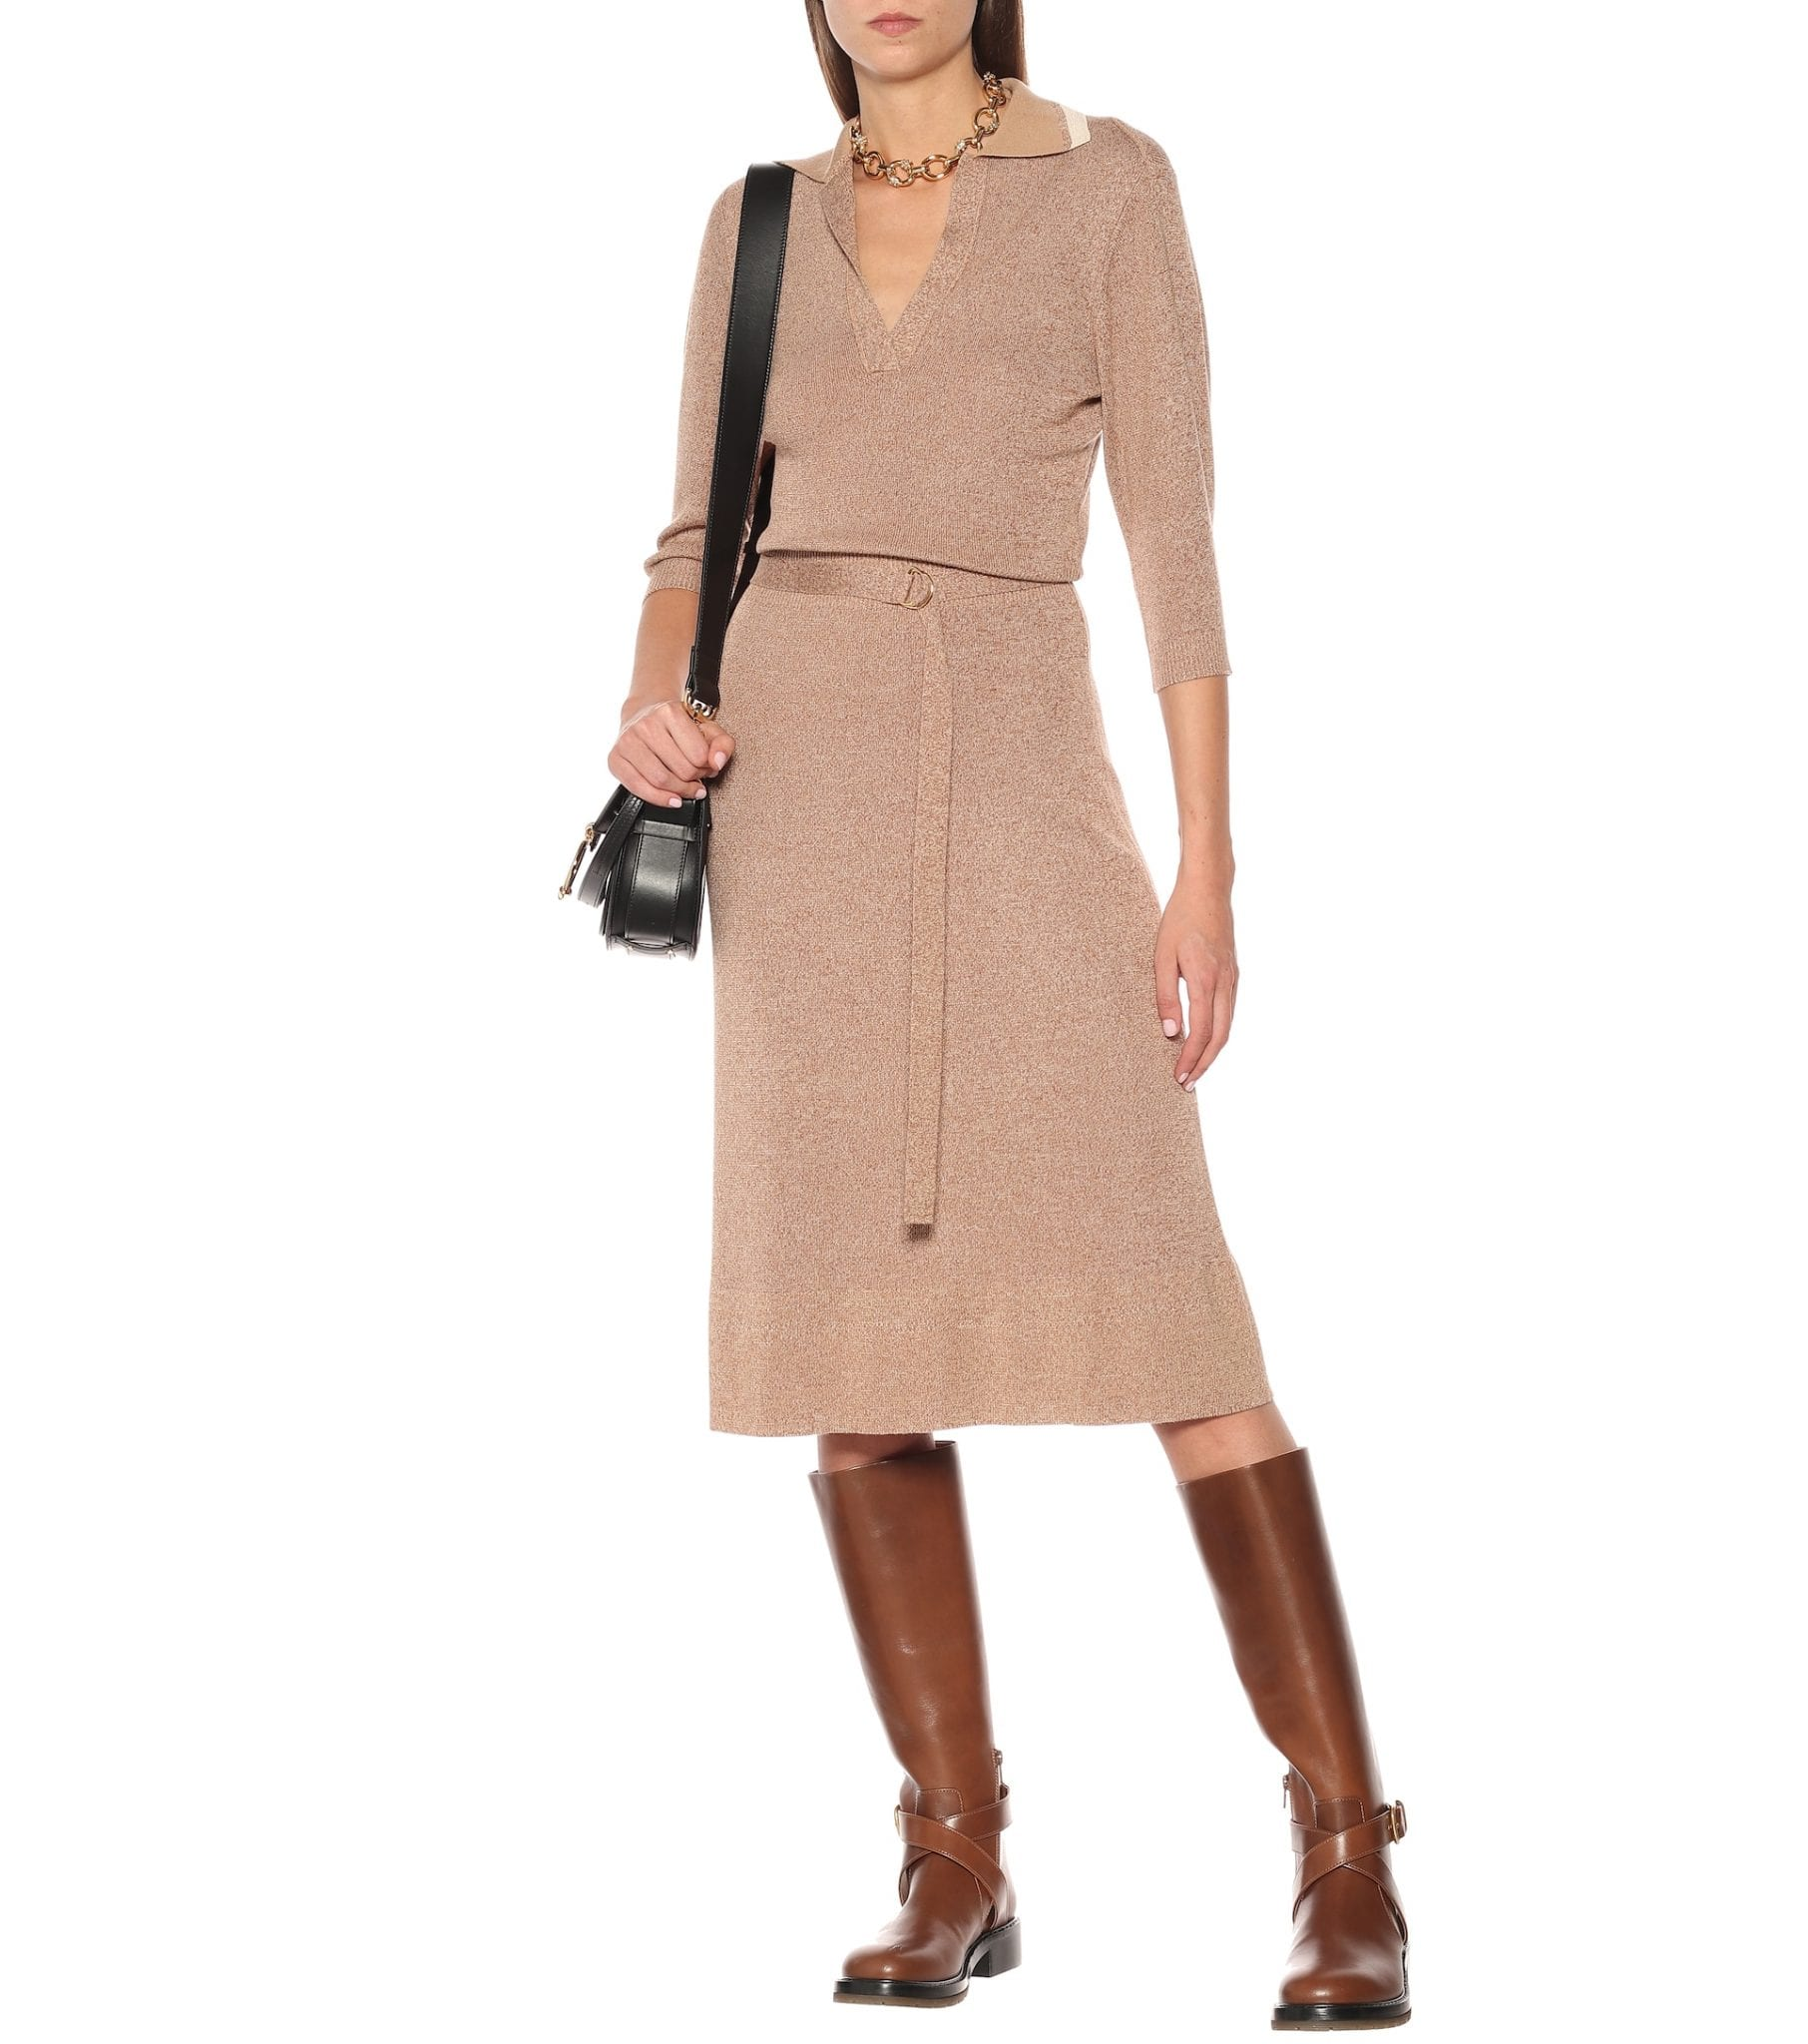 CHLOÉ Wool And Silk Knit Midi Dress